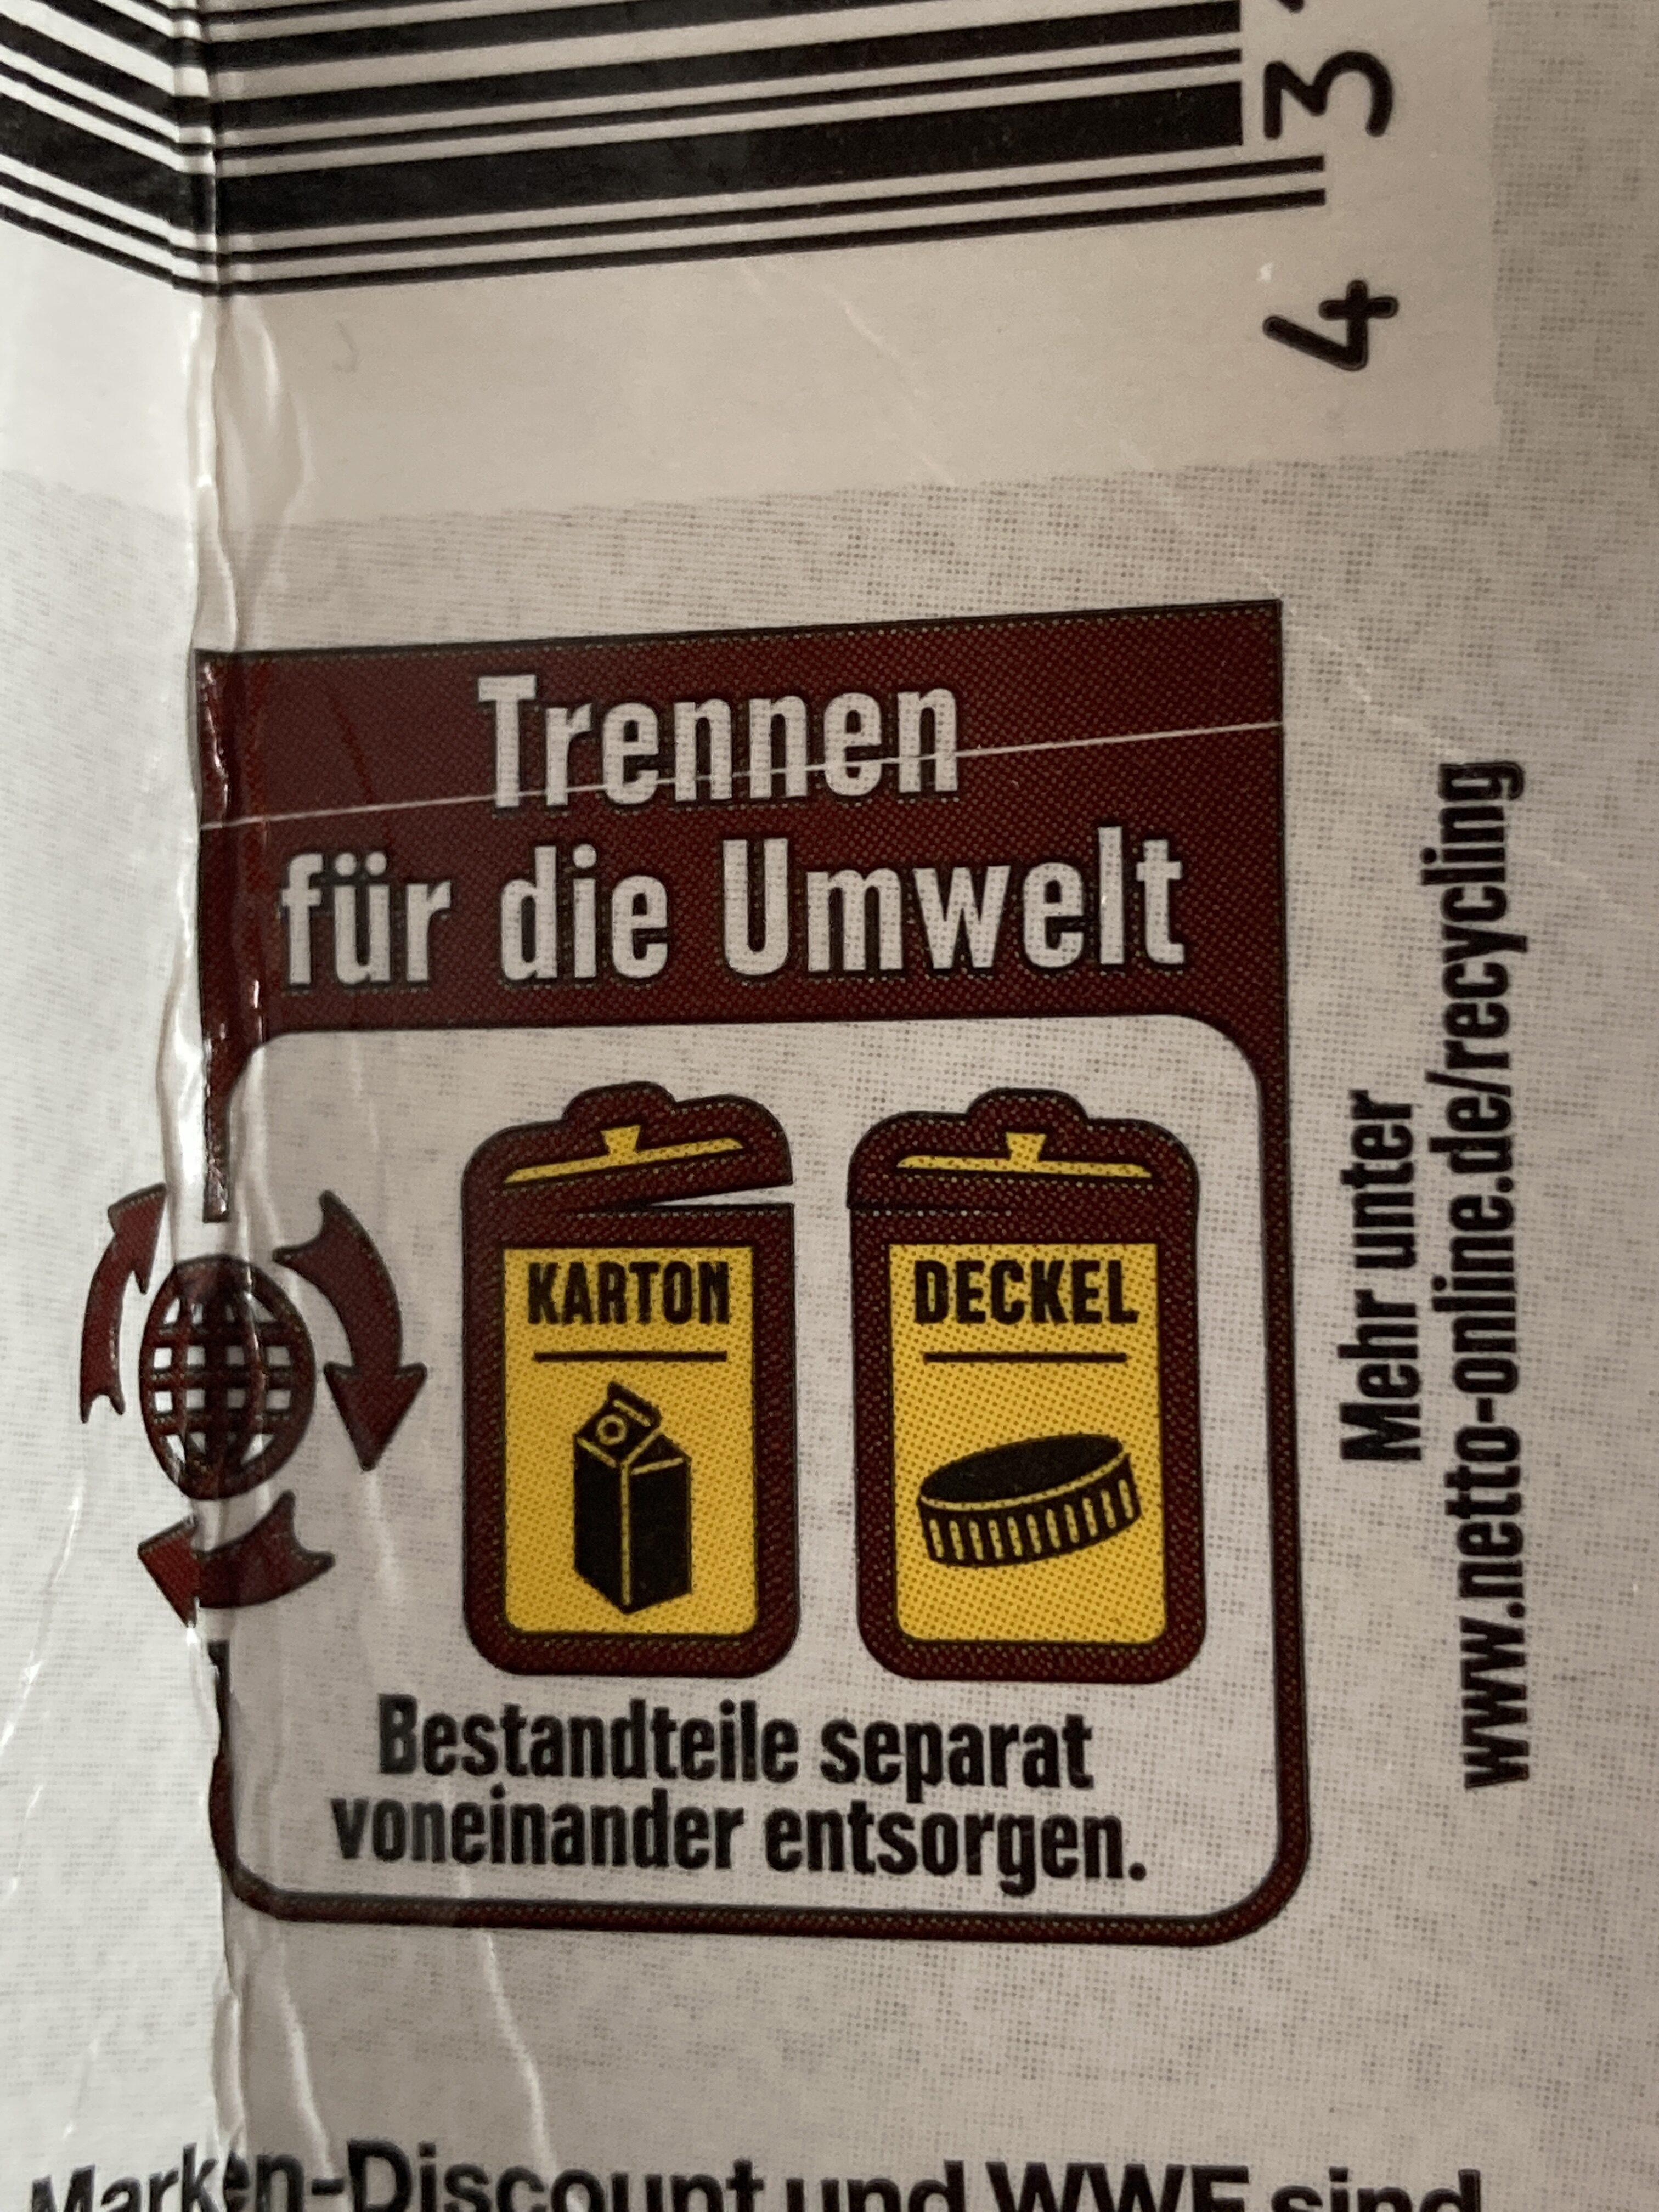 Fettarme milch - Wiederverwertungsanweisungen und/oder Verpackungsinformationen - de